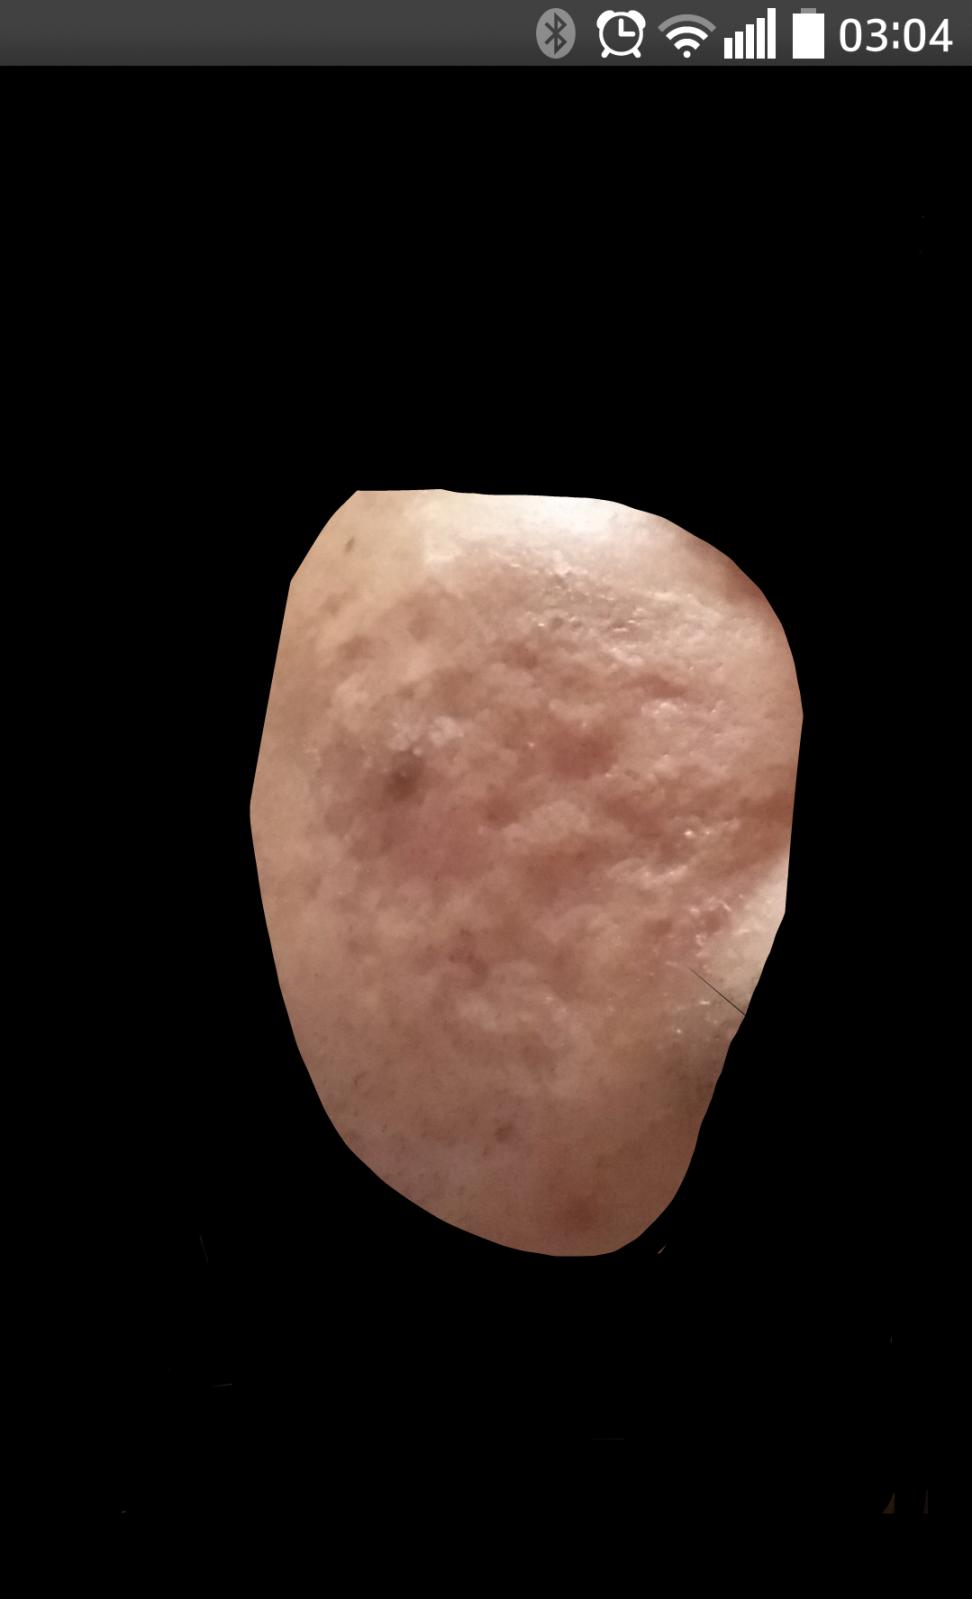 Rexomendacion de cicatrices Iyn69w